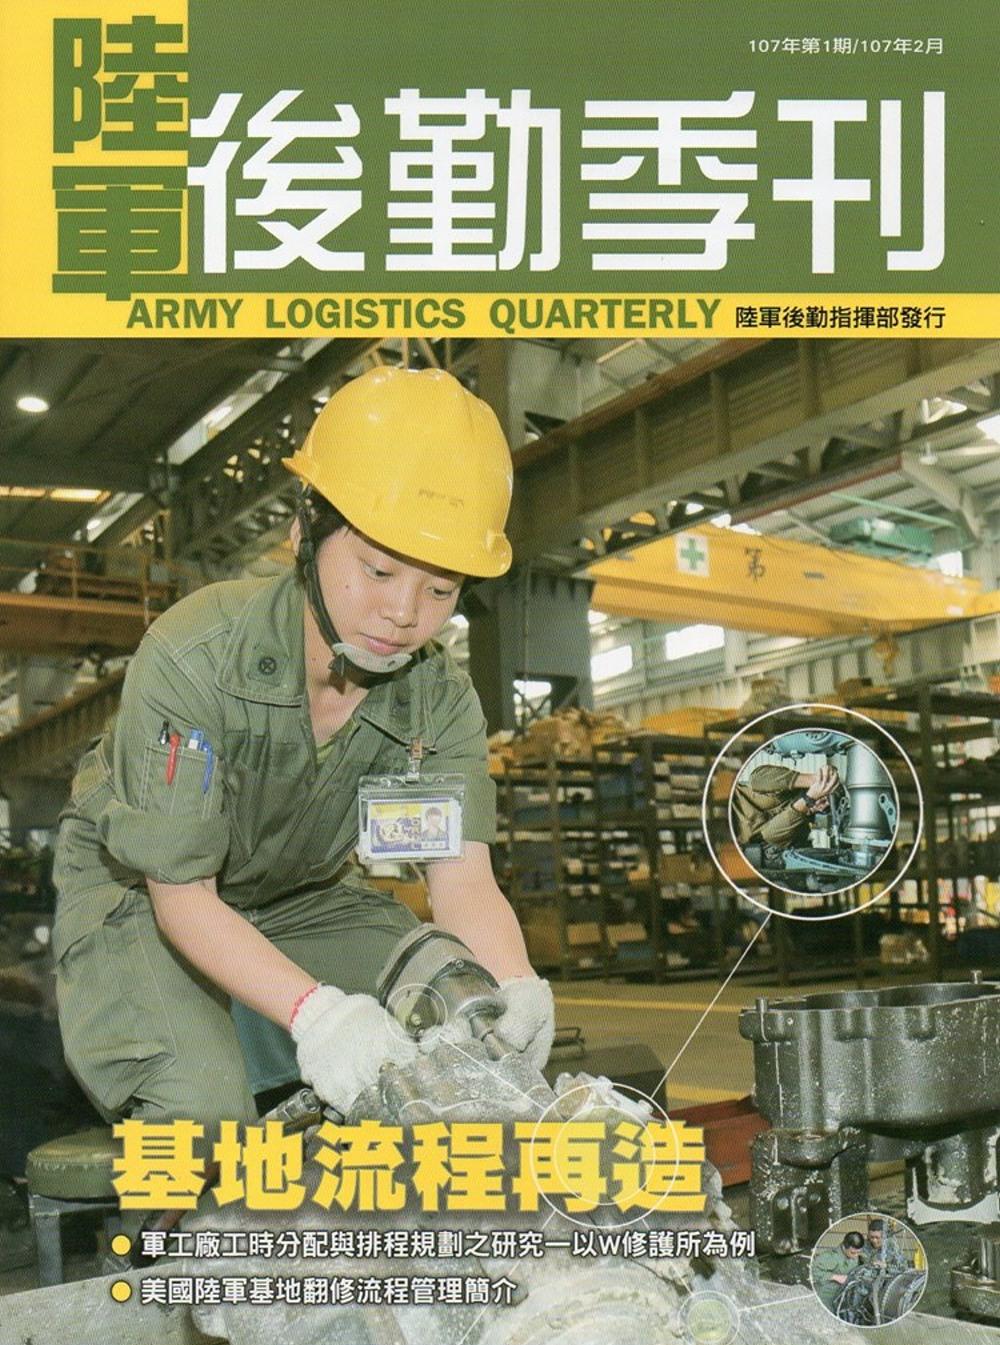 陸軍後勤季刊107年第1期(2018.02)